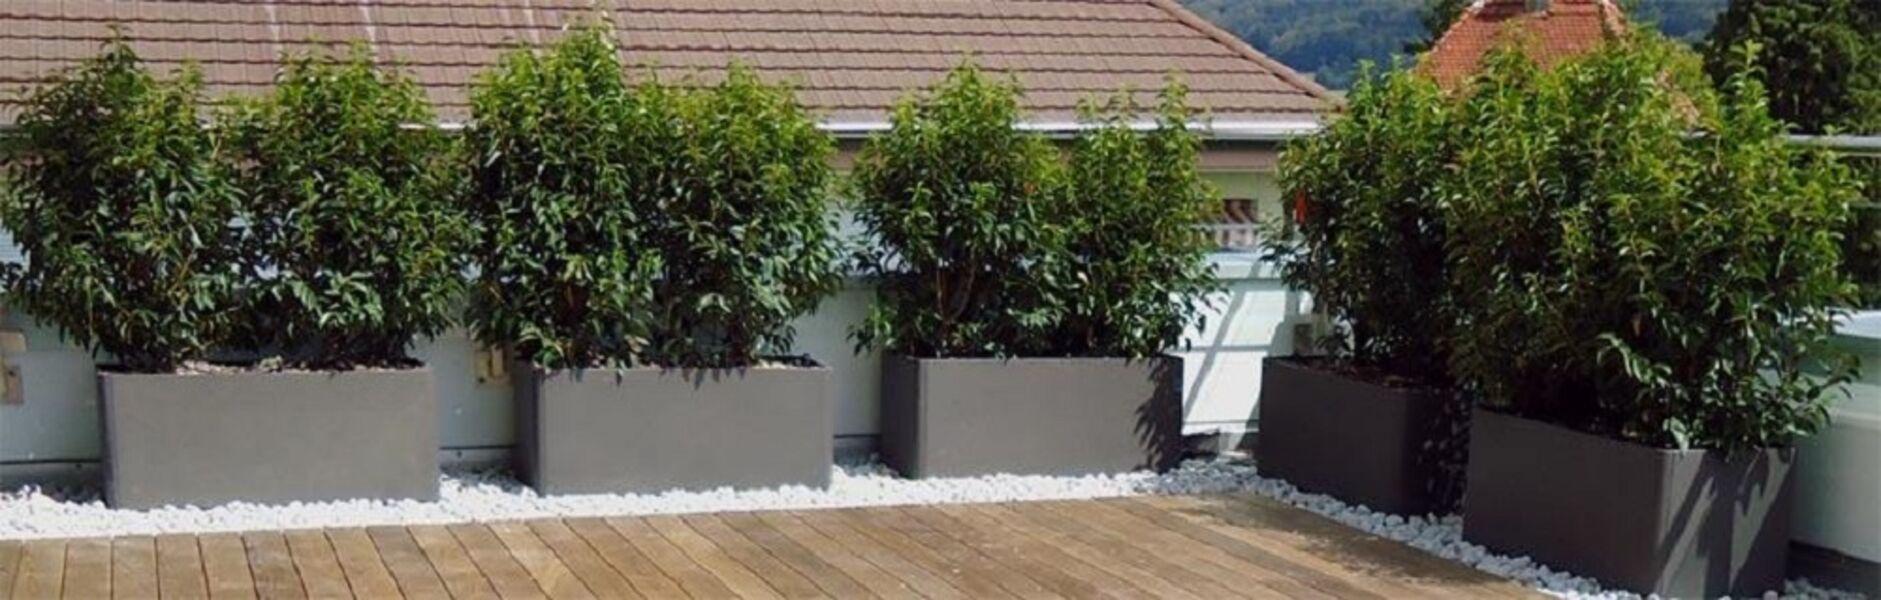 Terrassen Balkone Dachgarten Begrunung Gefasse Pflanzen